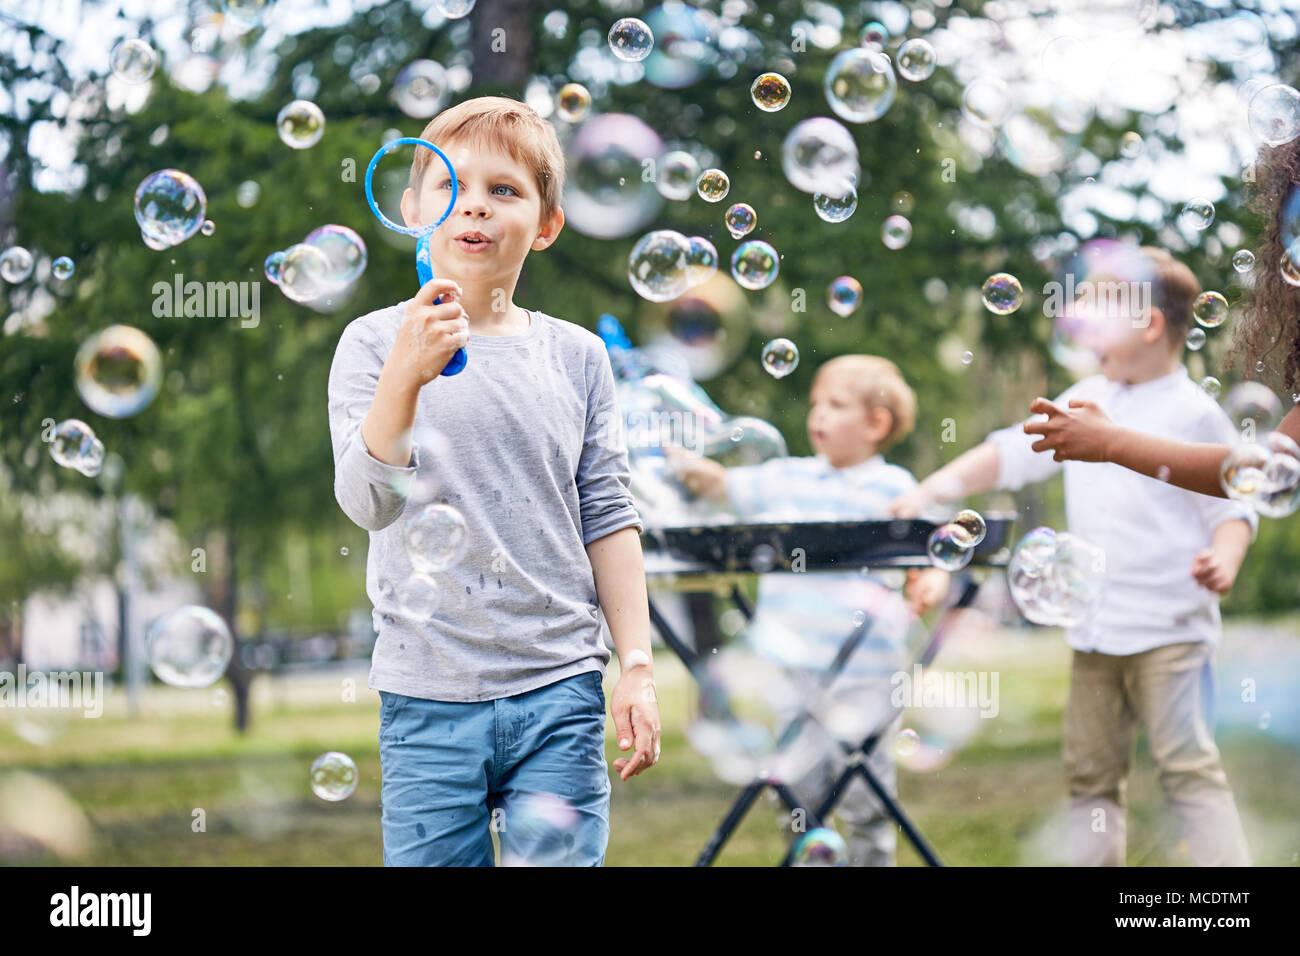 Ragazzi piccoli rendendo le bolle di sapone Immagini Stock